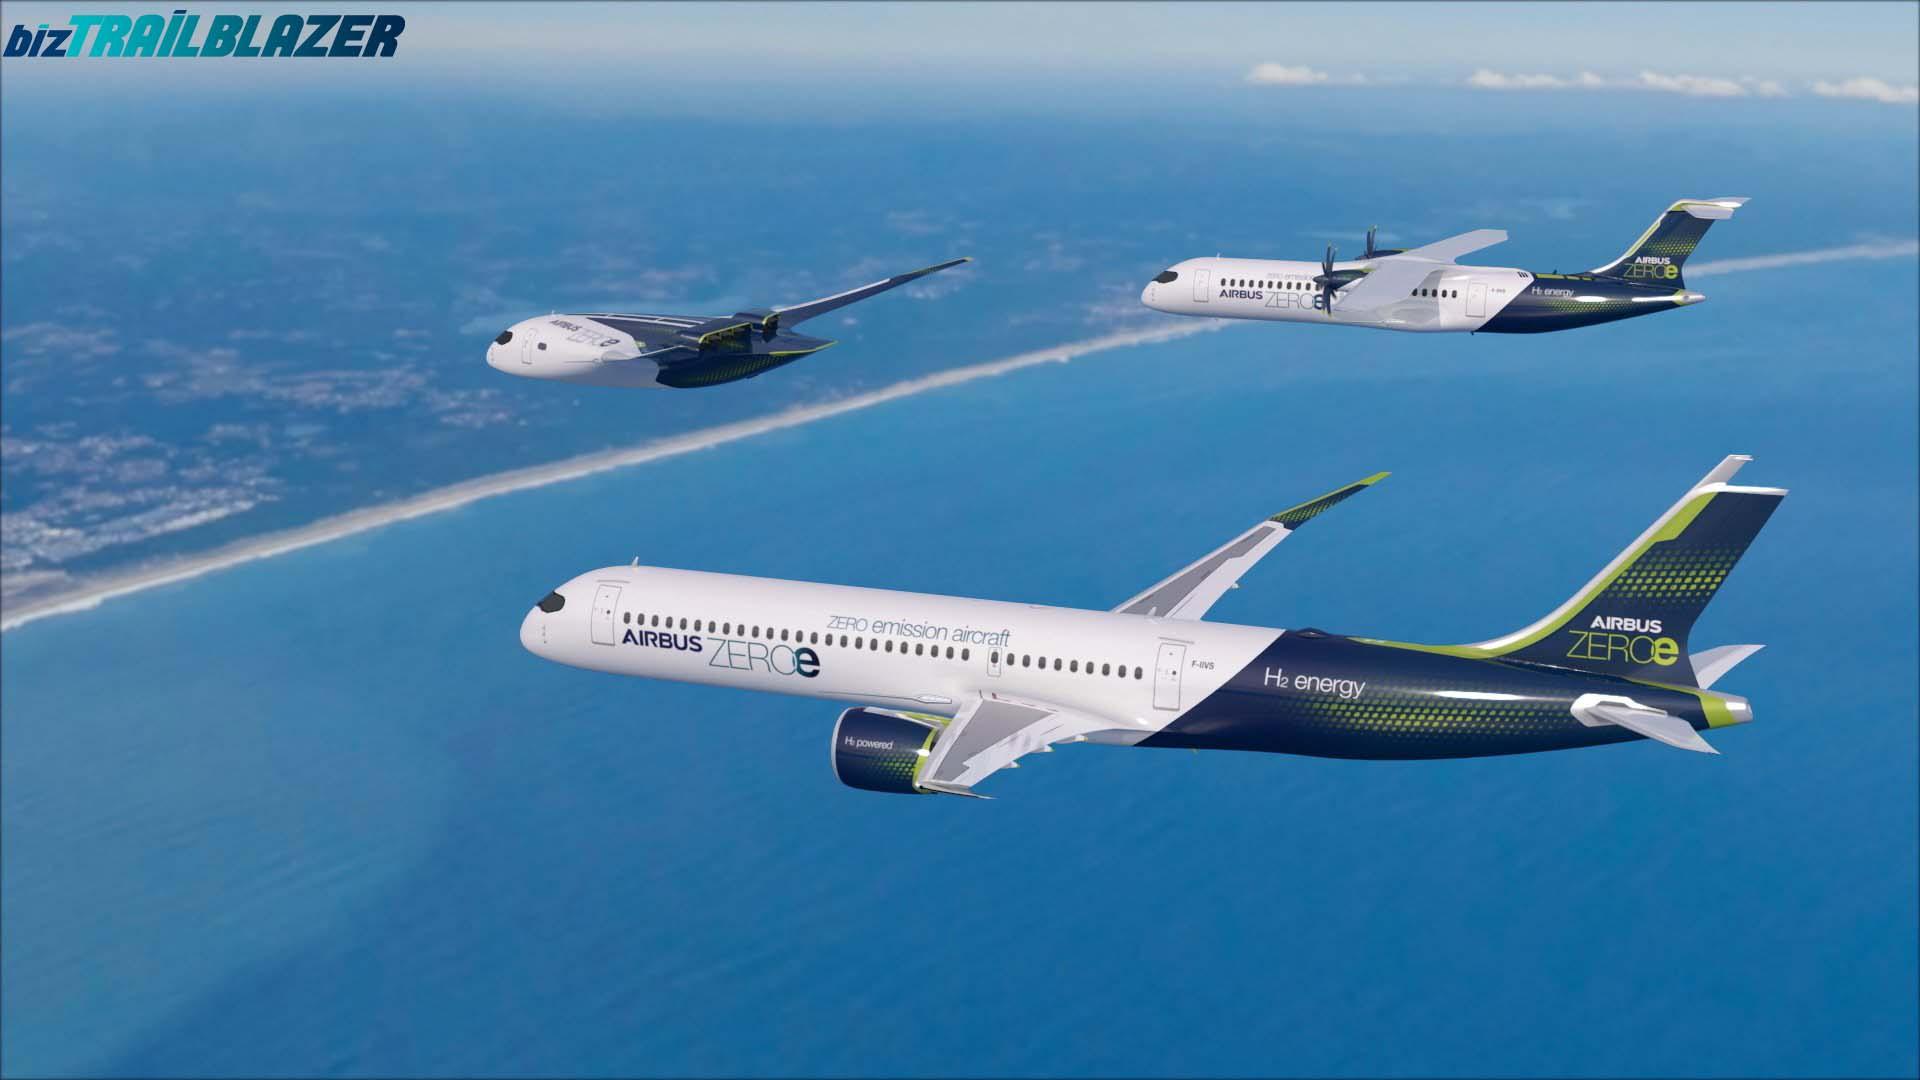 BizTrailBlazer-Blog-Airbus-Unveils-Zero-Emission-Concept-Aircrafts